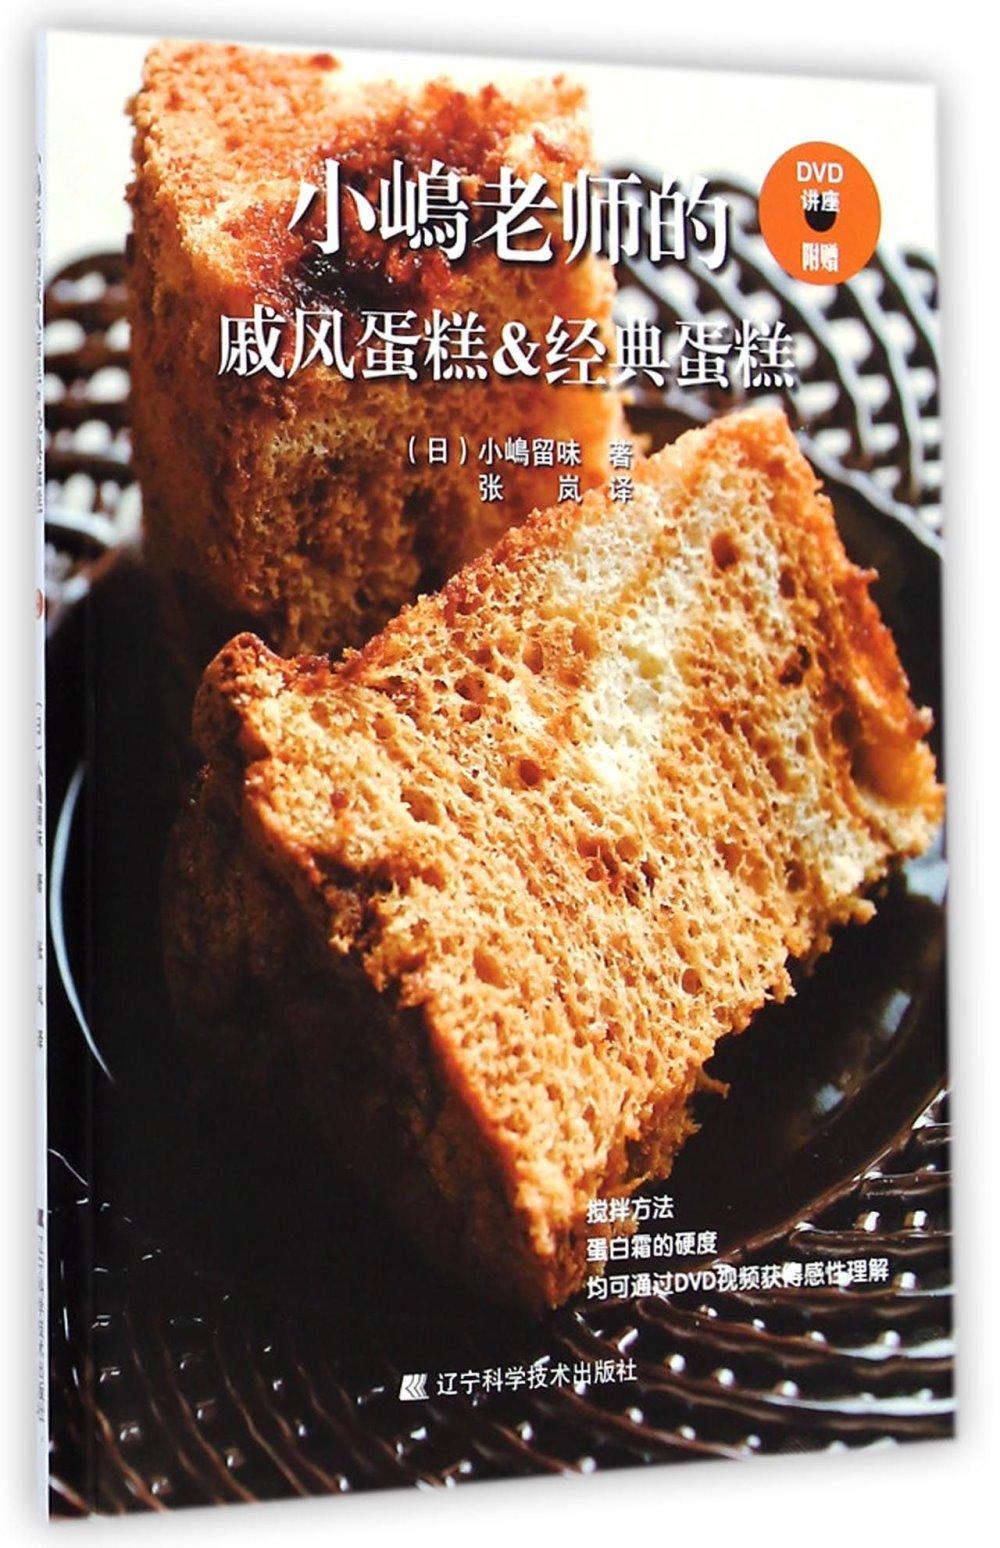 小島老師的戚風蛋糕&經典蛋糕